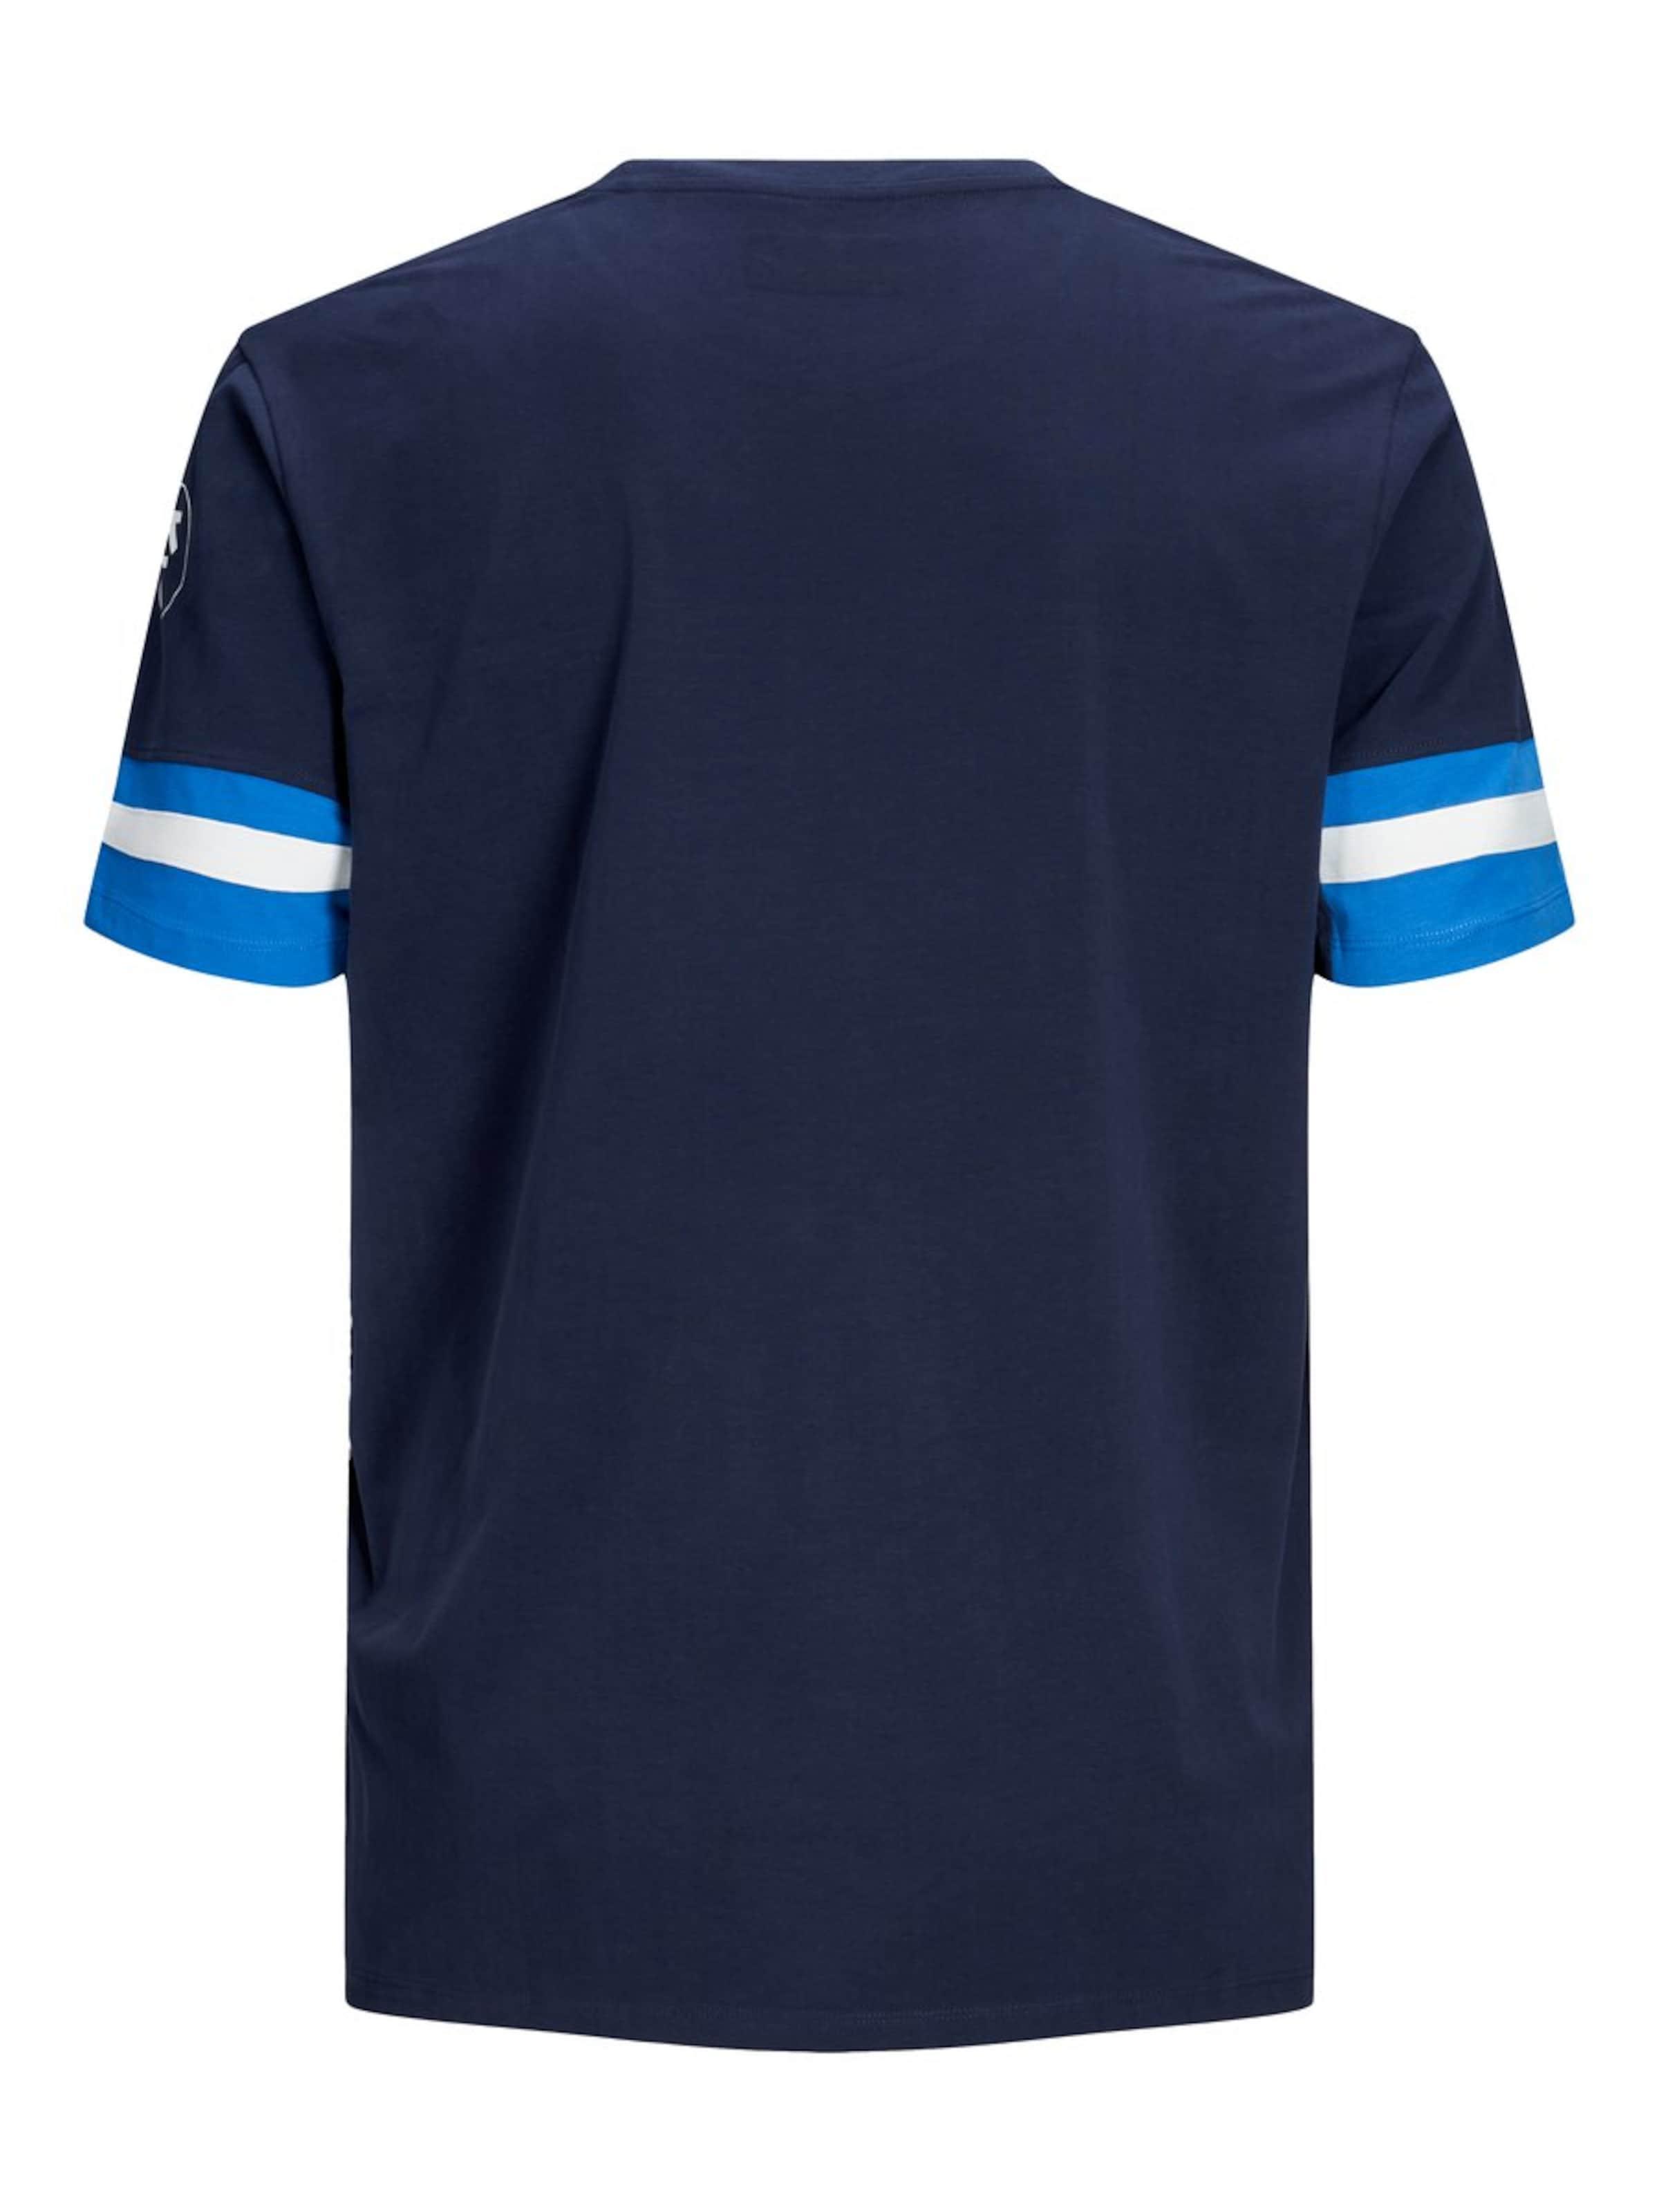 Jackamp; FoncéBlanc Bleu Jones shirt En T WEYD9HI2